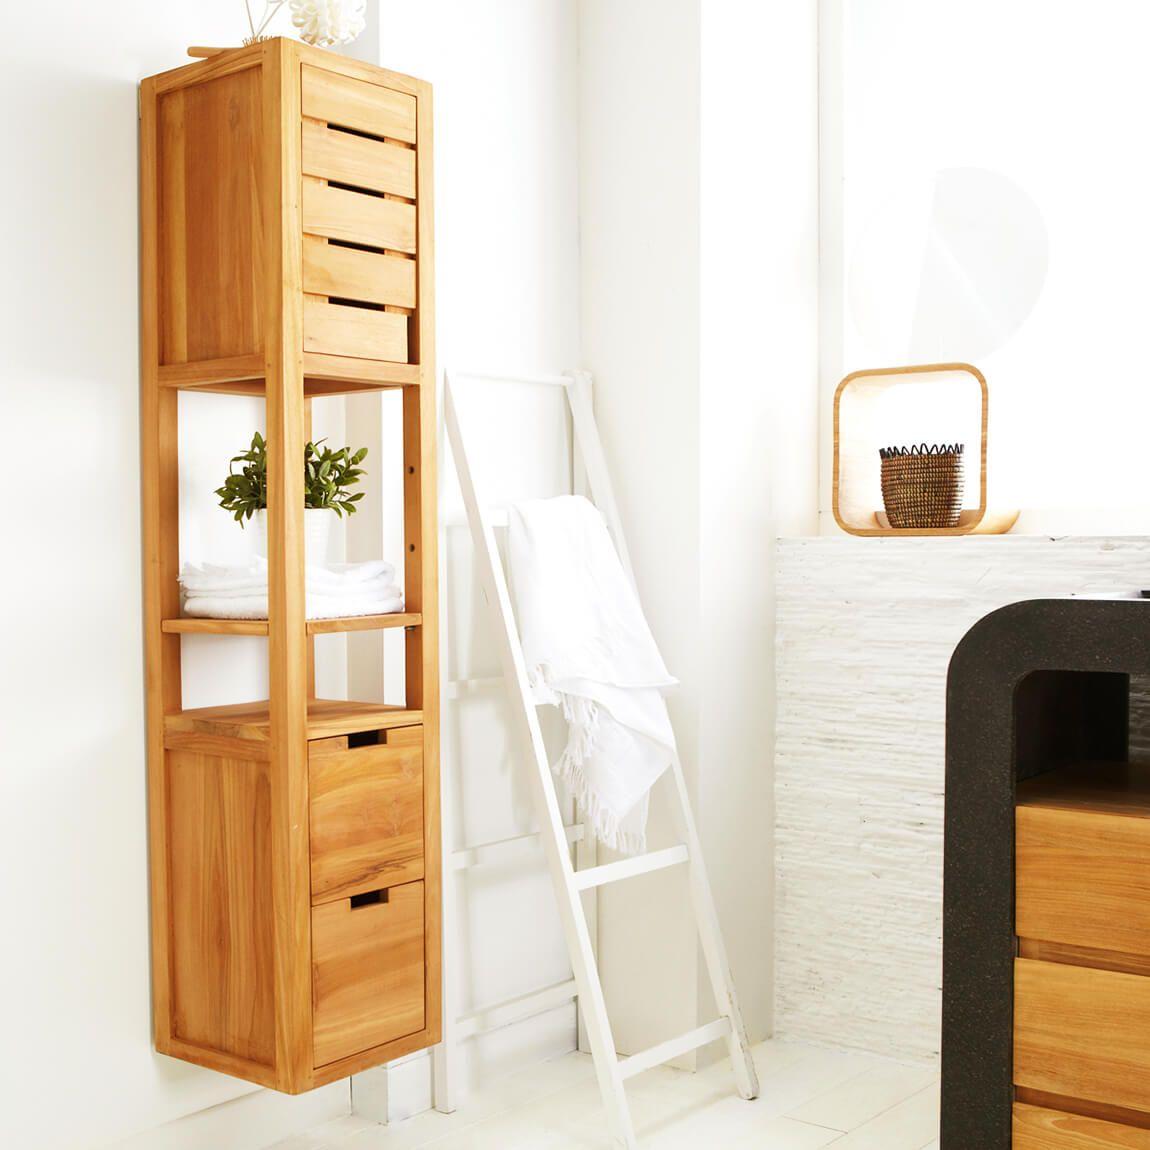 Badezimmer mit Badschrank aus Teakholz, der an der Wand